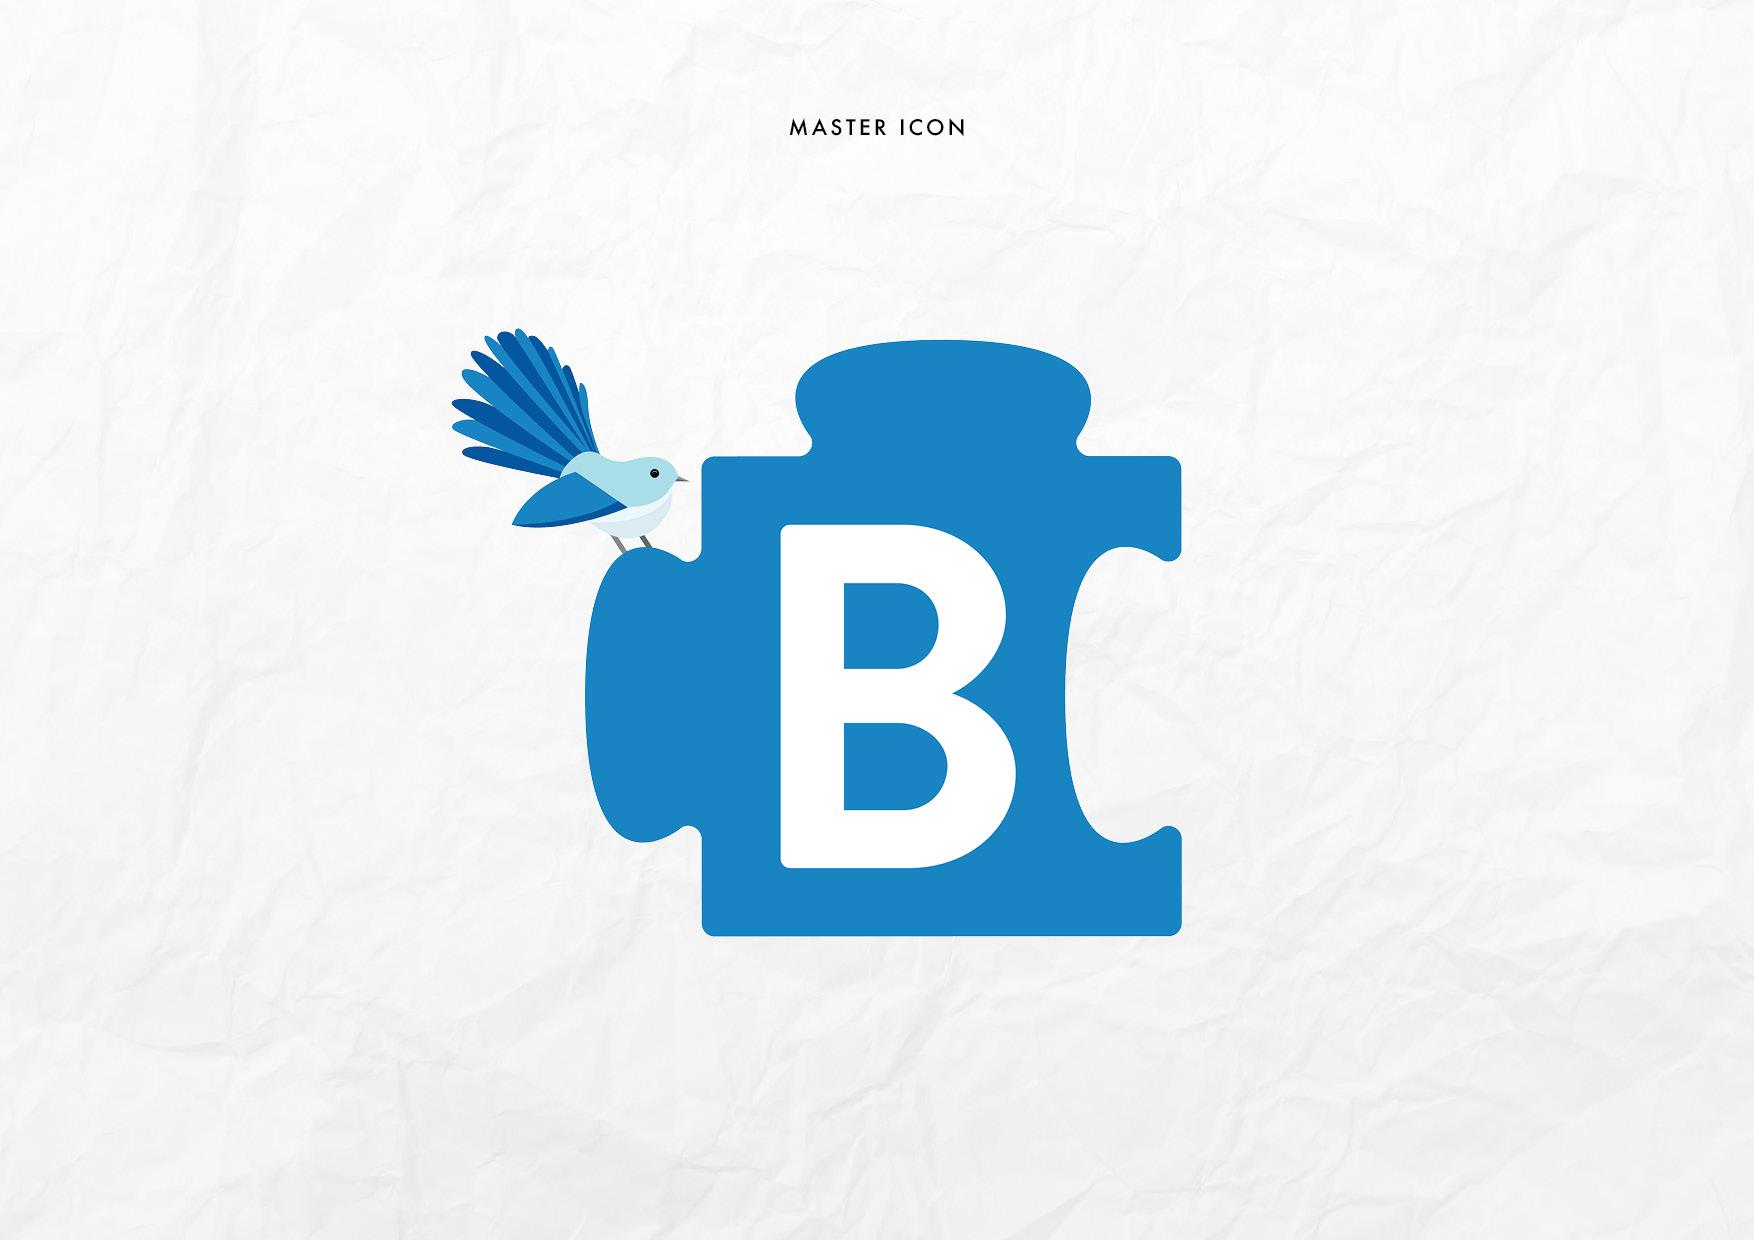 Rochelle-Vranjes-Bluebird-Digital-Branding-Guidelines2.jpg